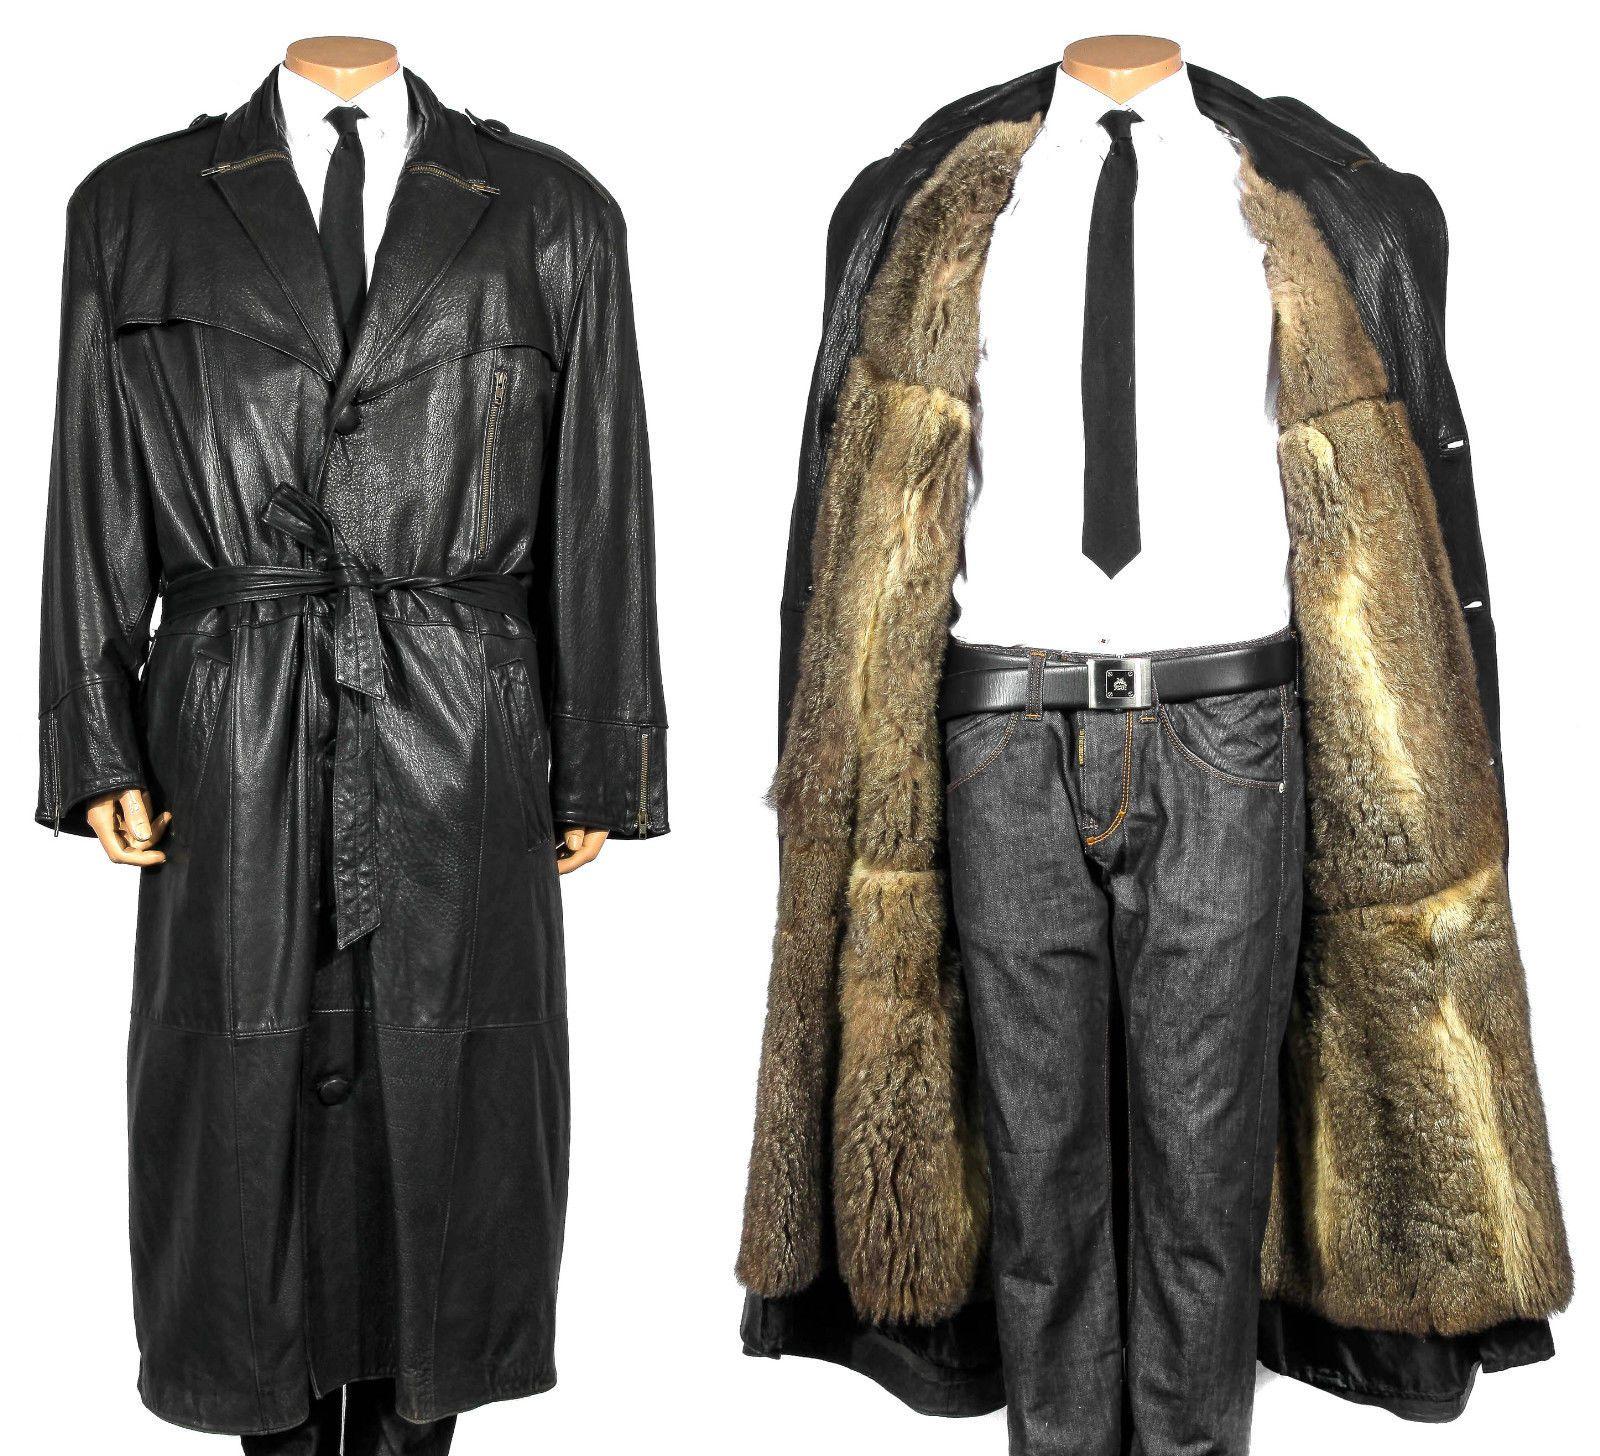 L XL Ledermantel Trenchcoat Leder Herren Mantel OPOSSUM Pelzmantel Fur men  coat in Kleidung   Accessoires, Herrenmode, Jacken   Mäntel   eBay! 191ee39938